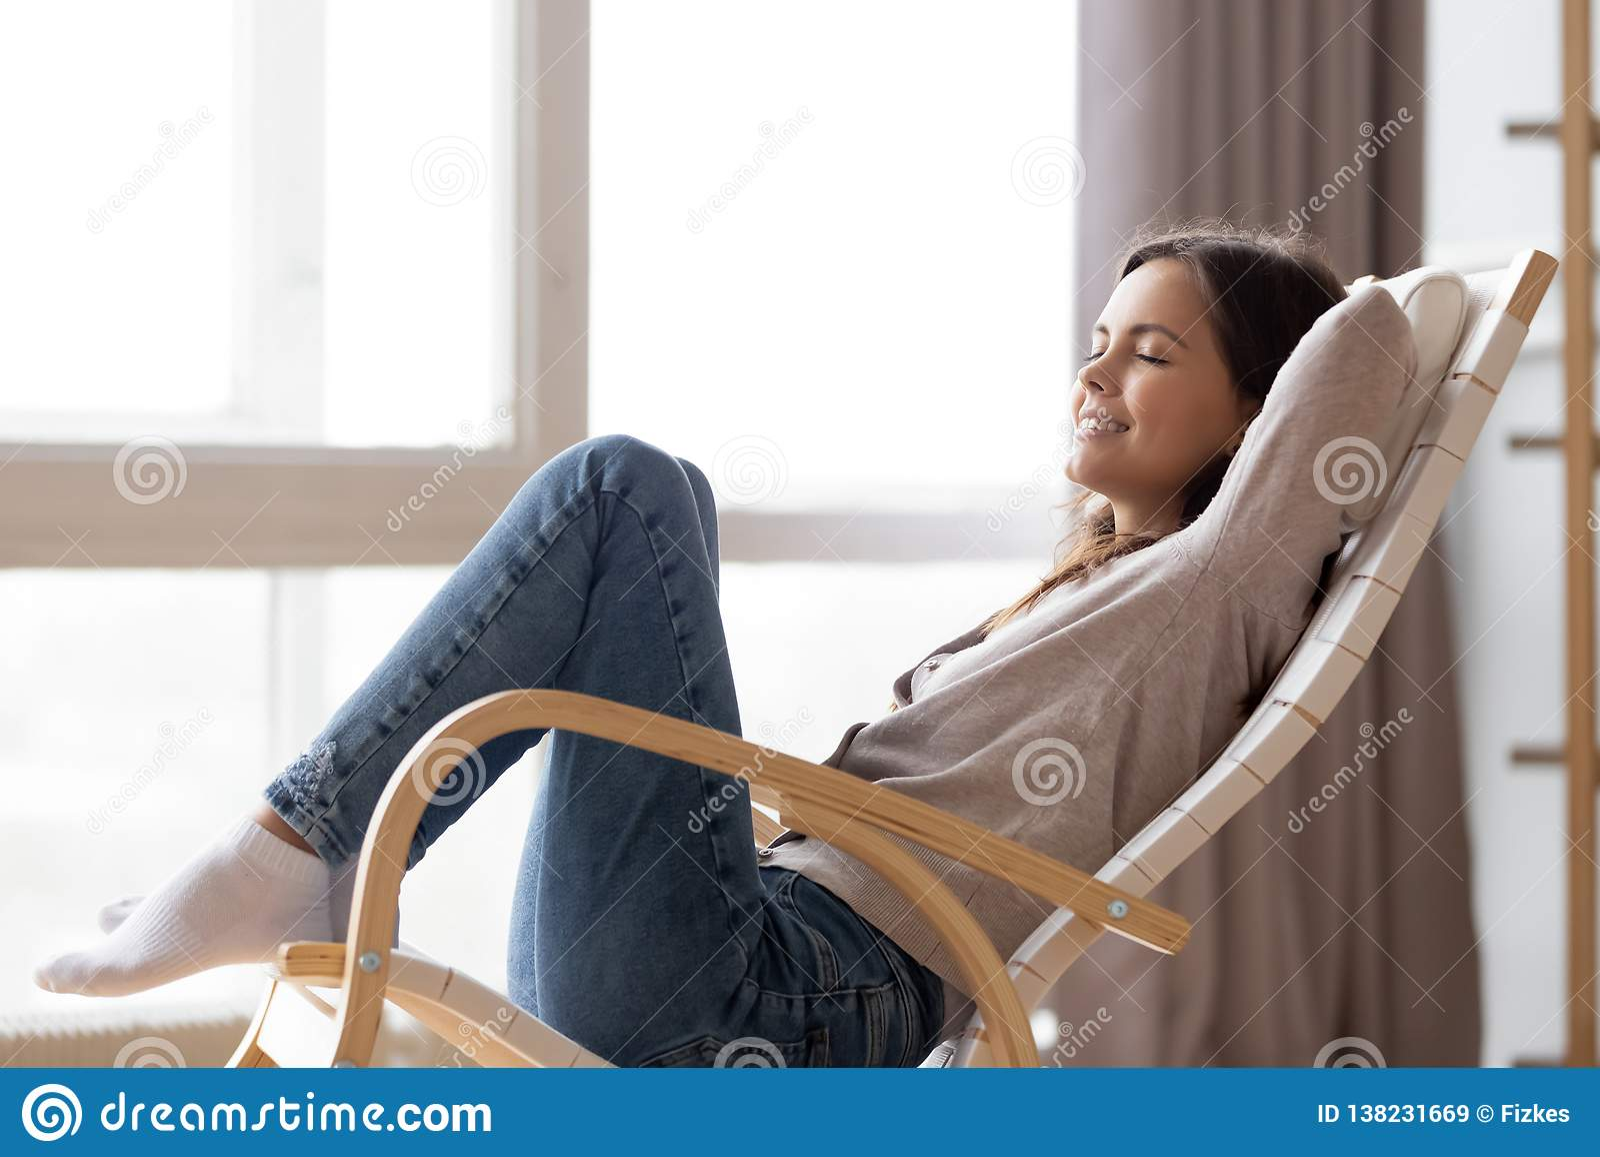 Giovane donna calma rilassata che bighellona seduta nella sedia di oscillazione comoda